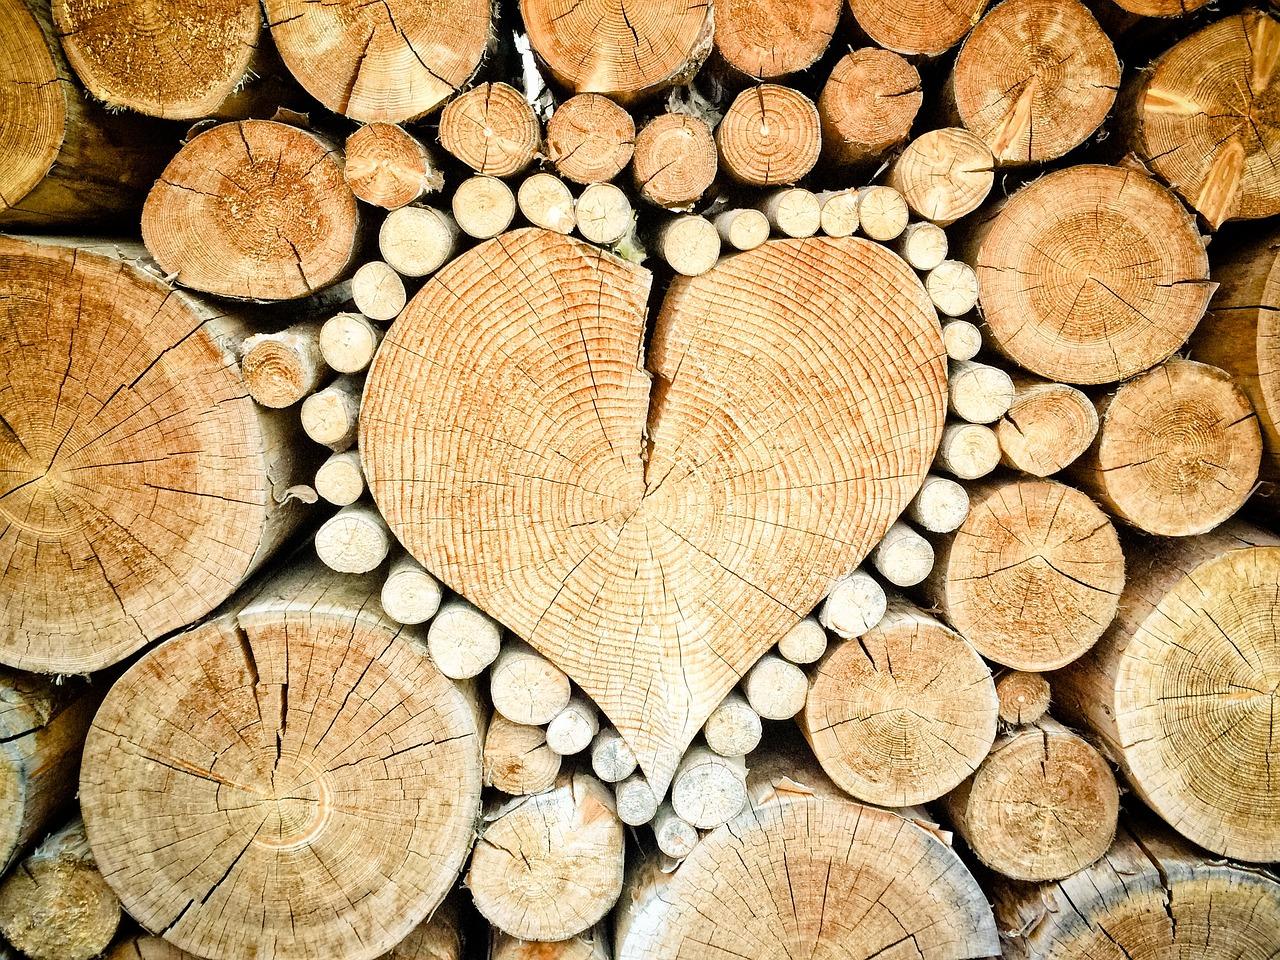 Möbel aus Massiv oder Furnierholz?